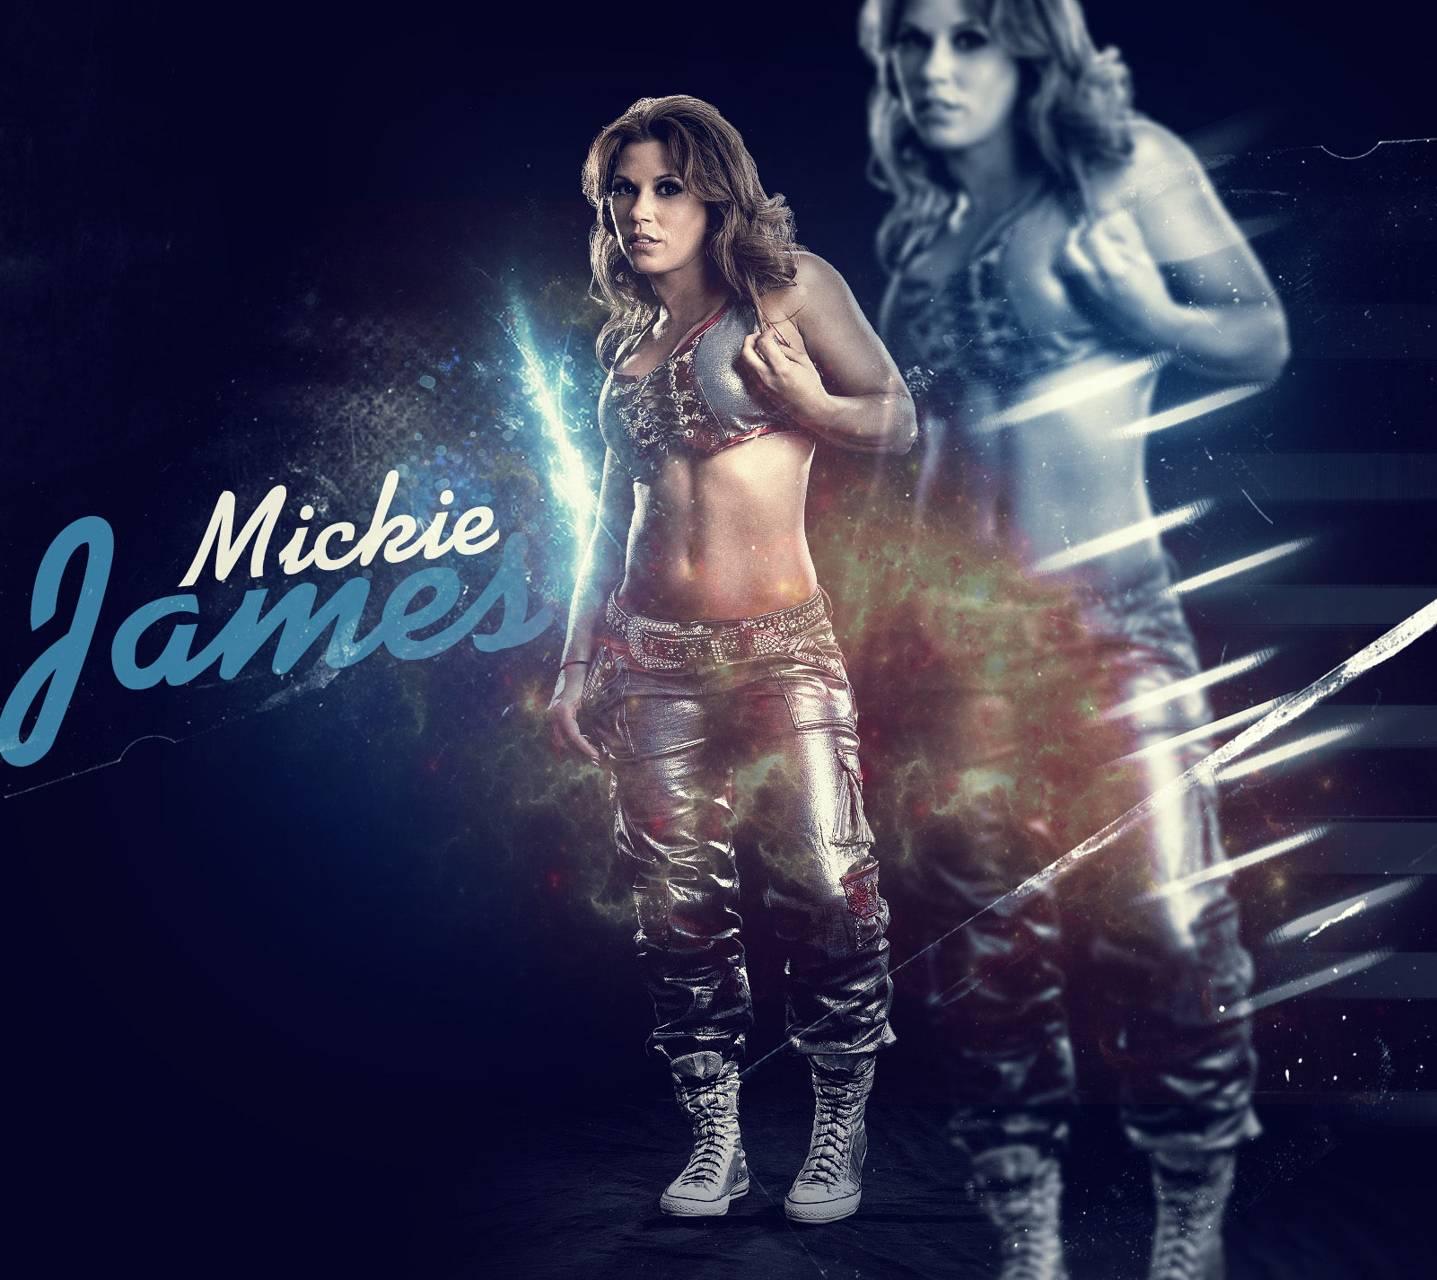 Mickie James